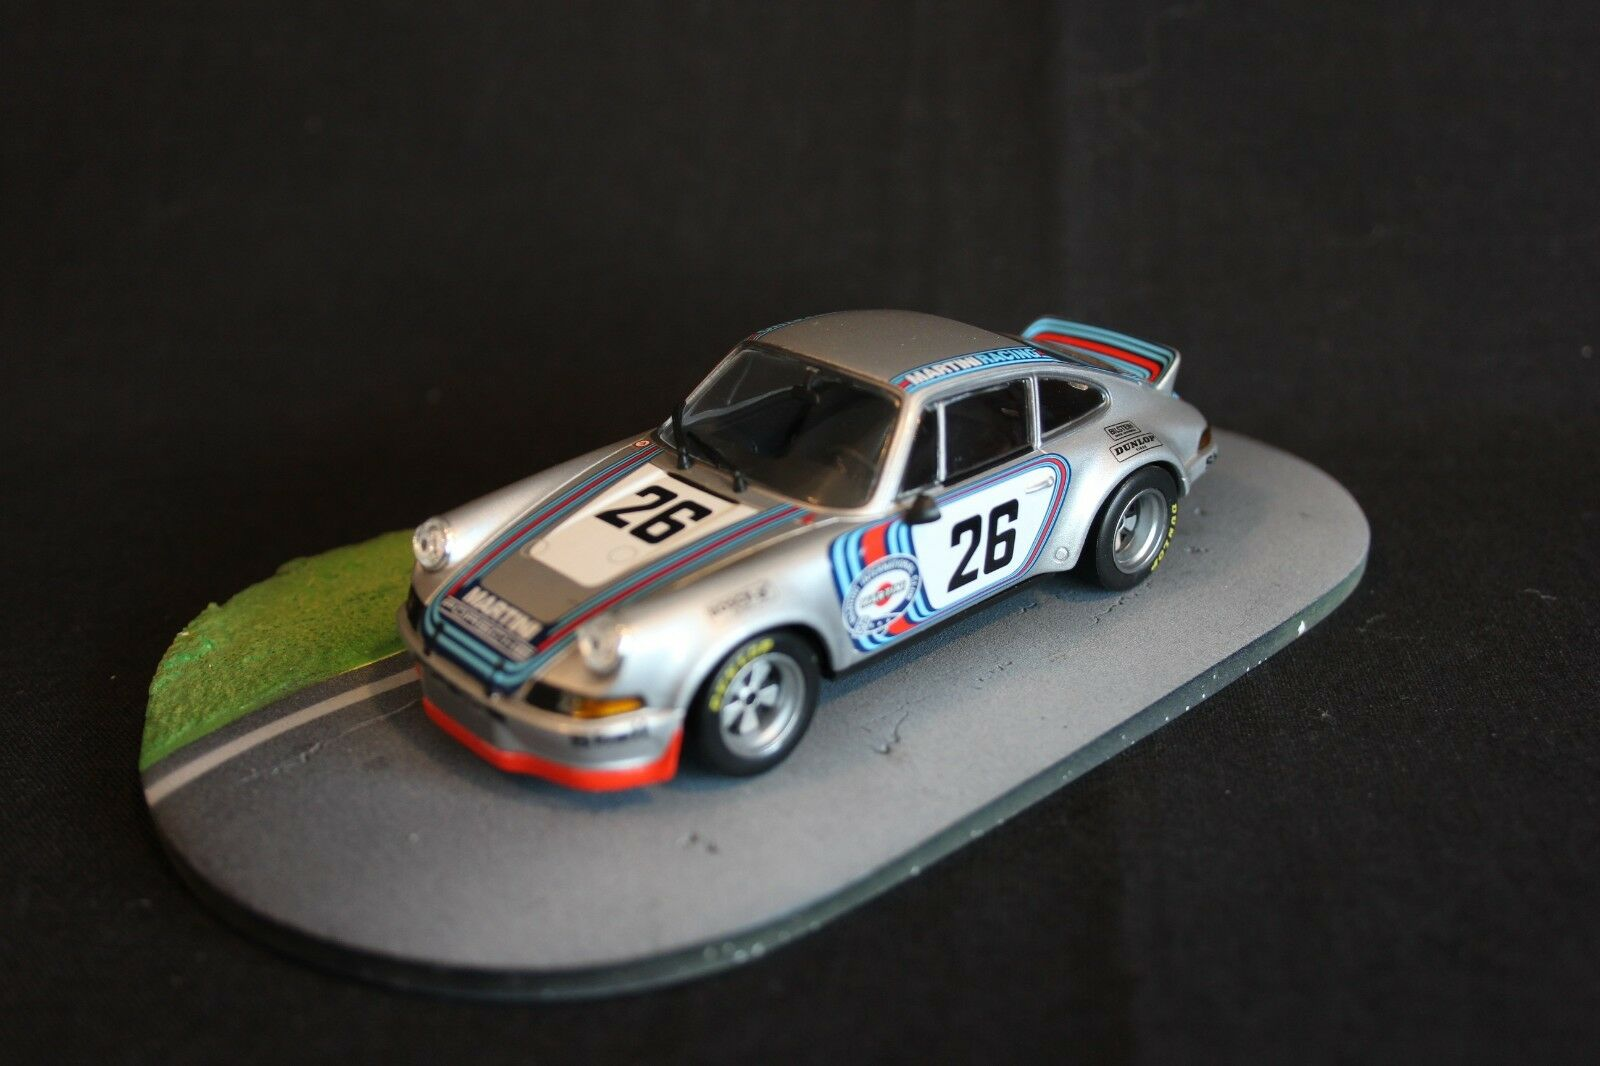 Minichamps Porsche 911 Carrera RSR 2.8 1973 1 43  26 1.000 km Dijon 1973 (AK)